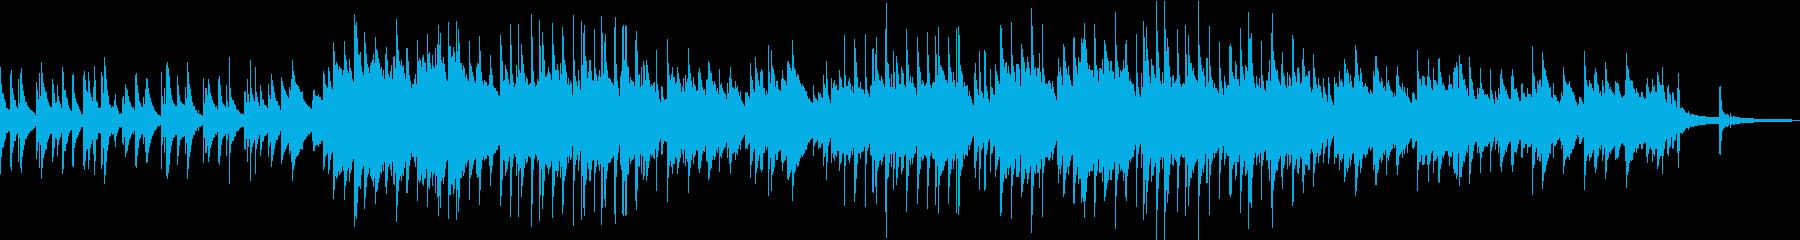 企業VPや映像/春・爽やかピアノソロEDの再生済みの波形